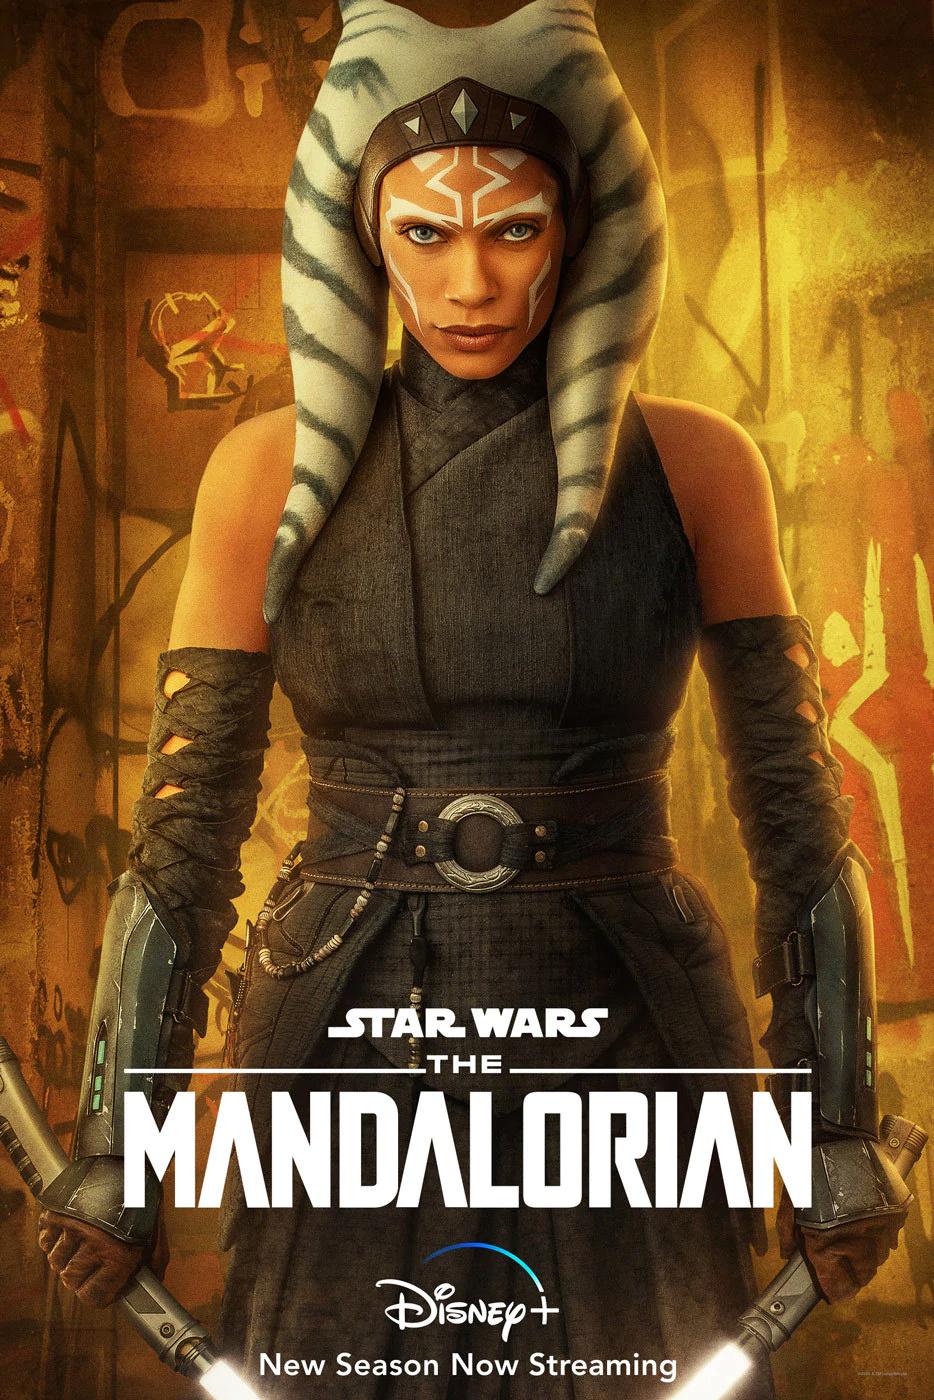 Les NEWS de la saison 2 de Star Wars The Mandalorian  - Page 3 Poste107